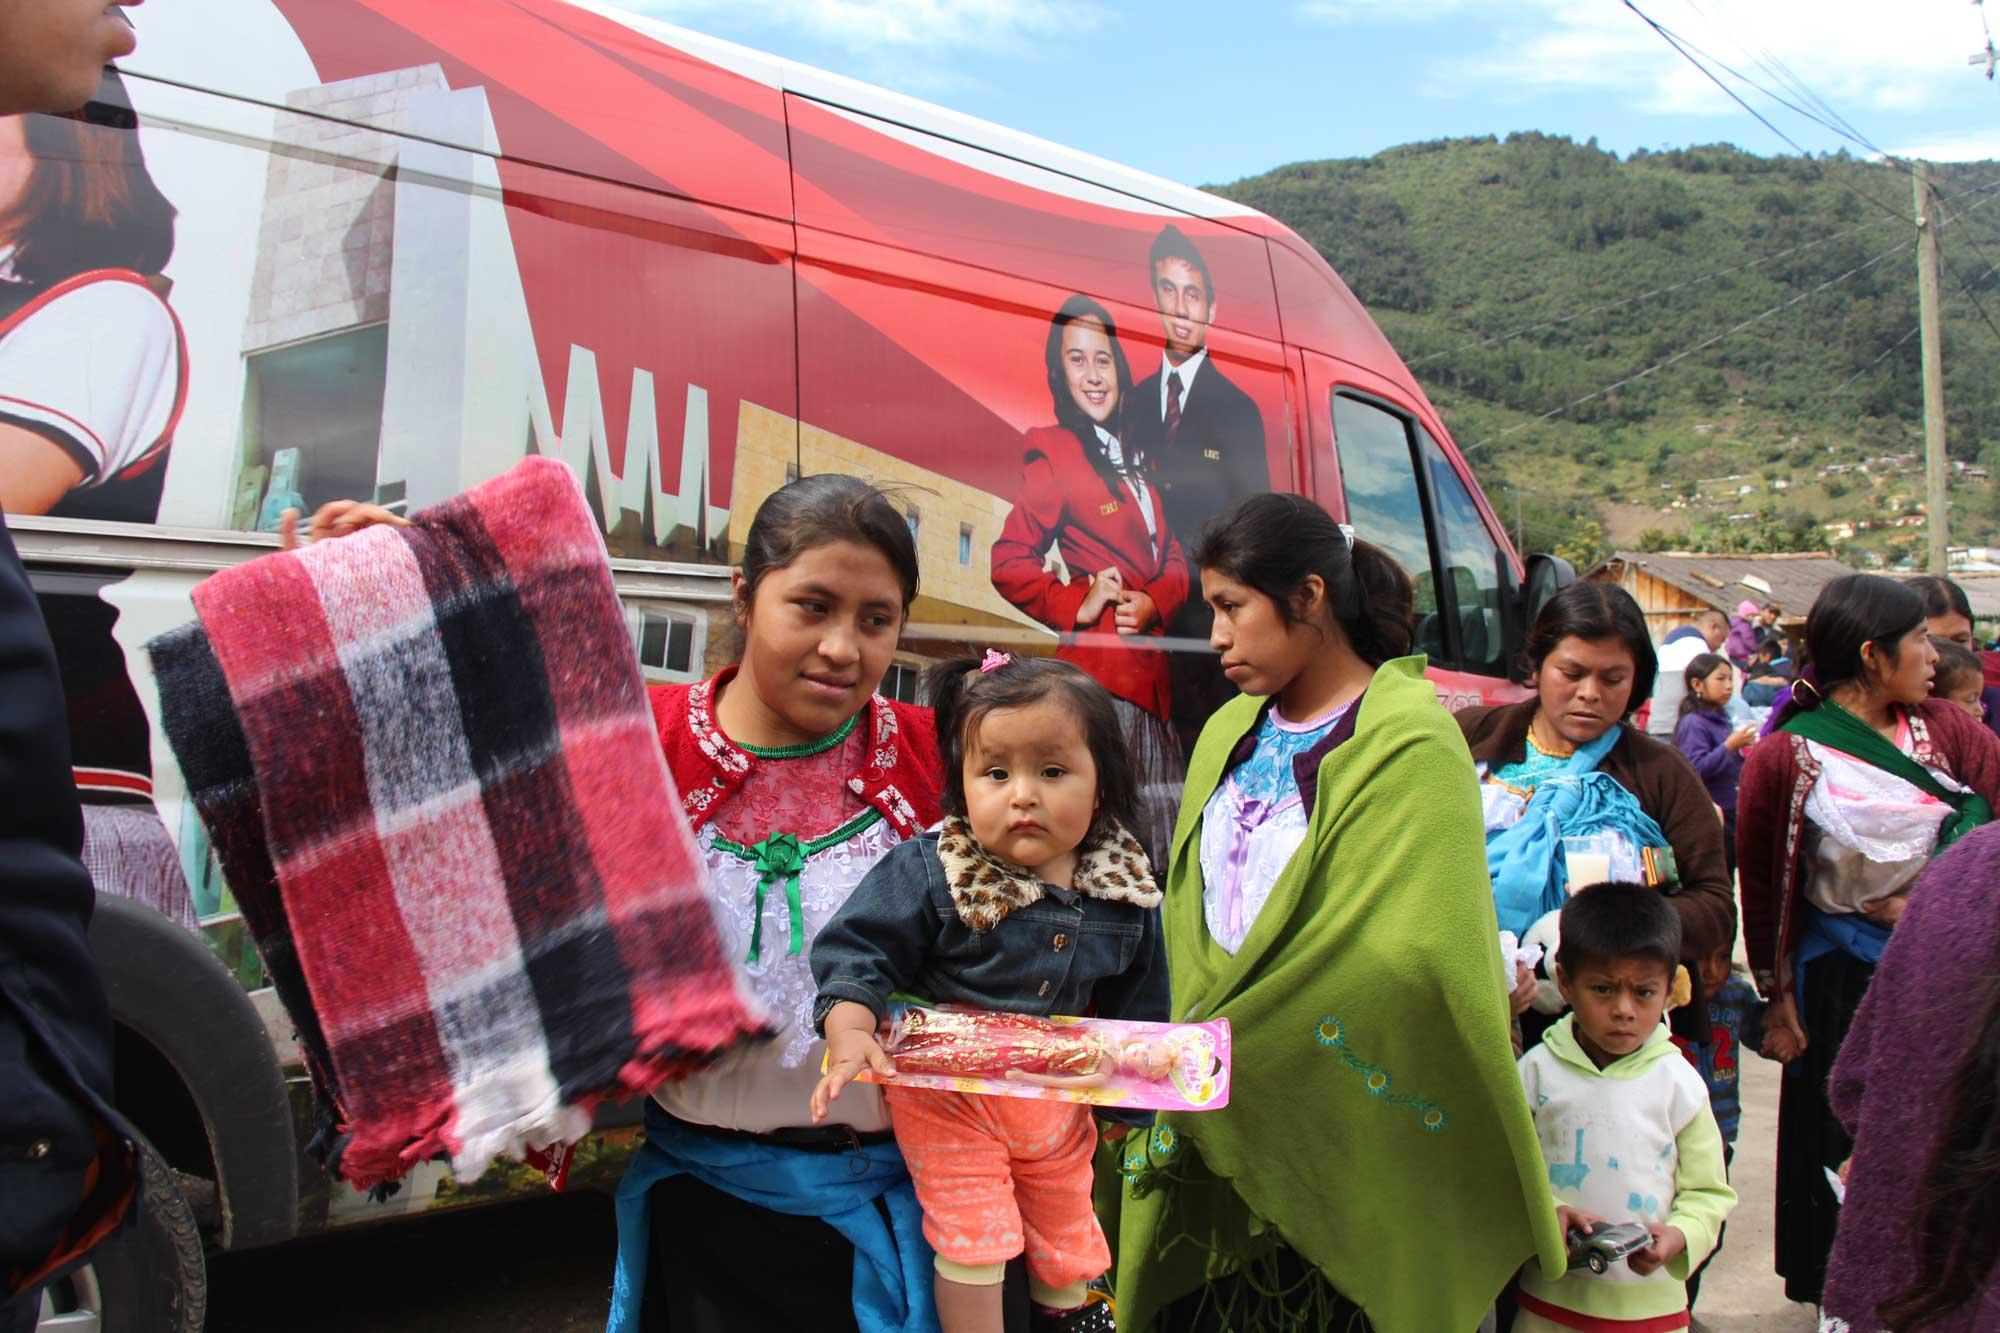 Niños, niñas y adultos recibiendo ropa, refrigerios y juguetes